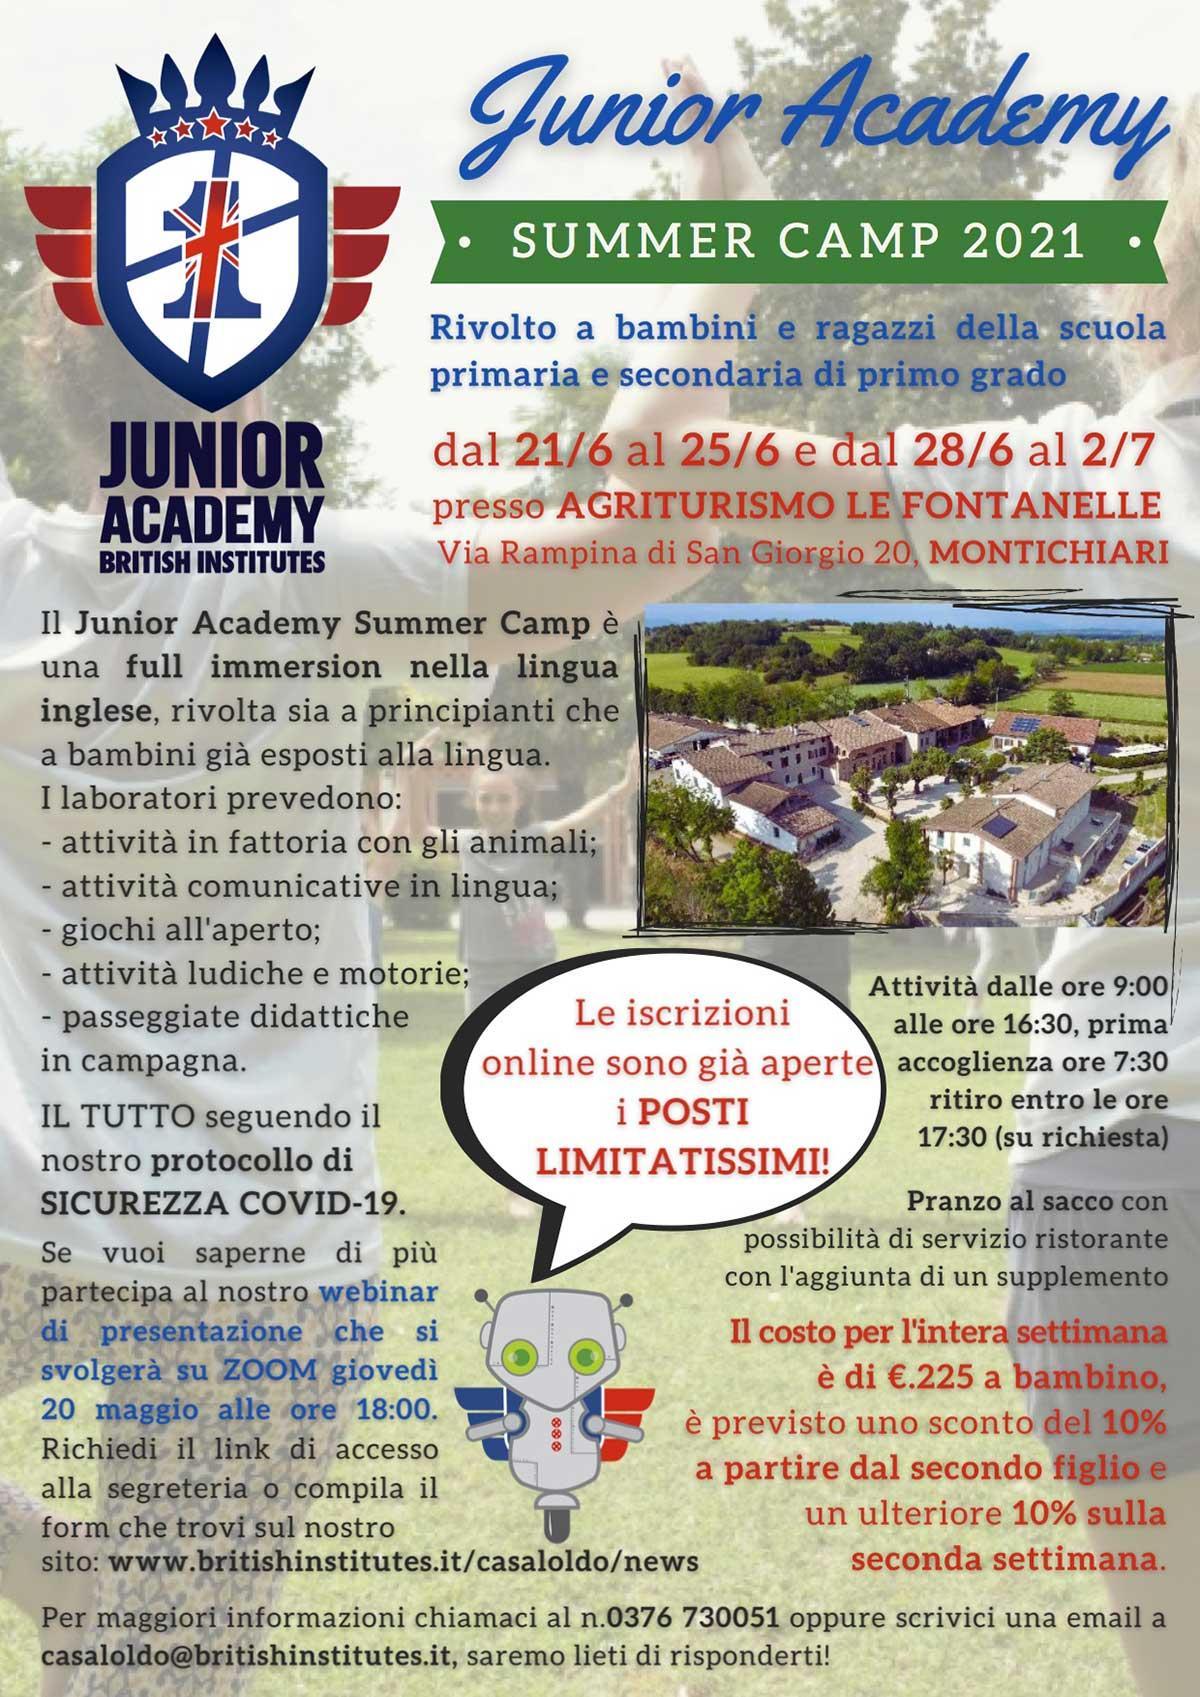 Summer-Camp-british-institutes-montichiari-FONTANELLE-2021